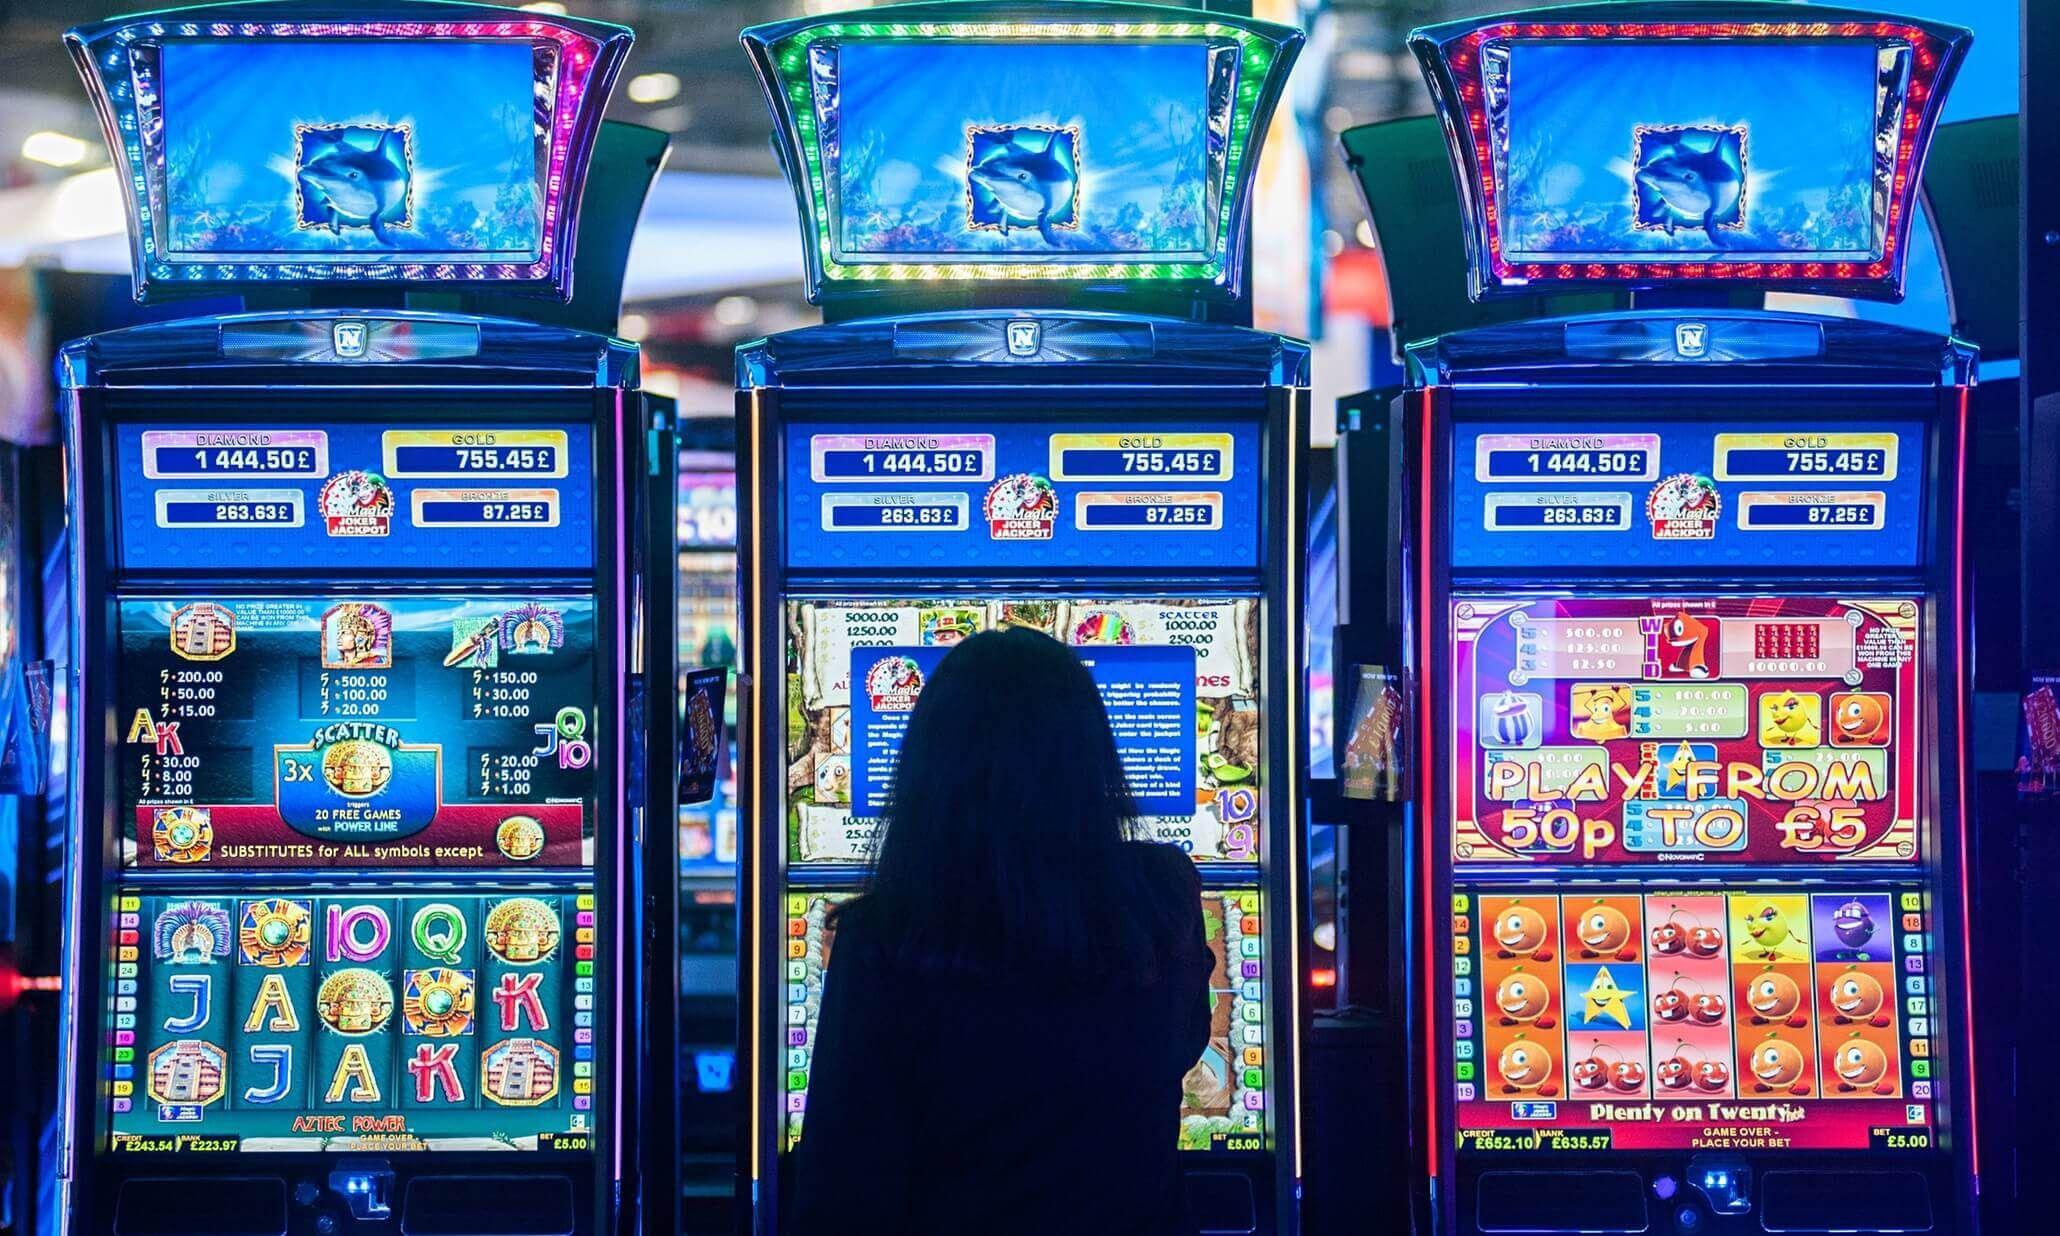 Игровые автоматы шпион играть бесплатно играть в карточные игровые автоматы бесплатно и без регистрации